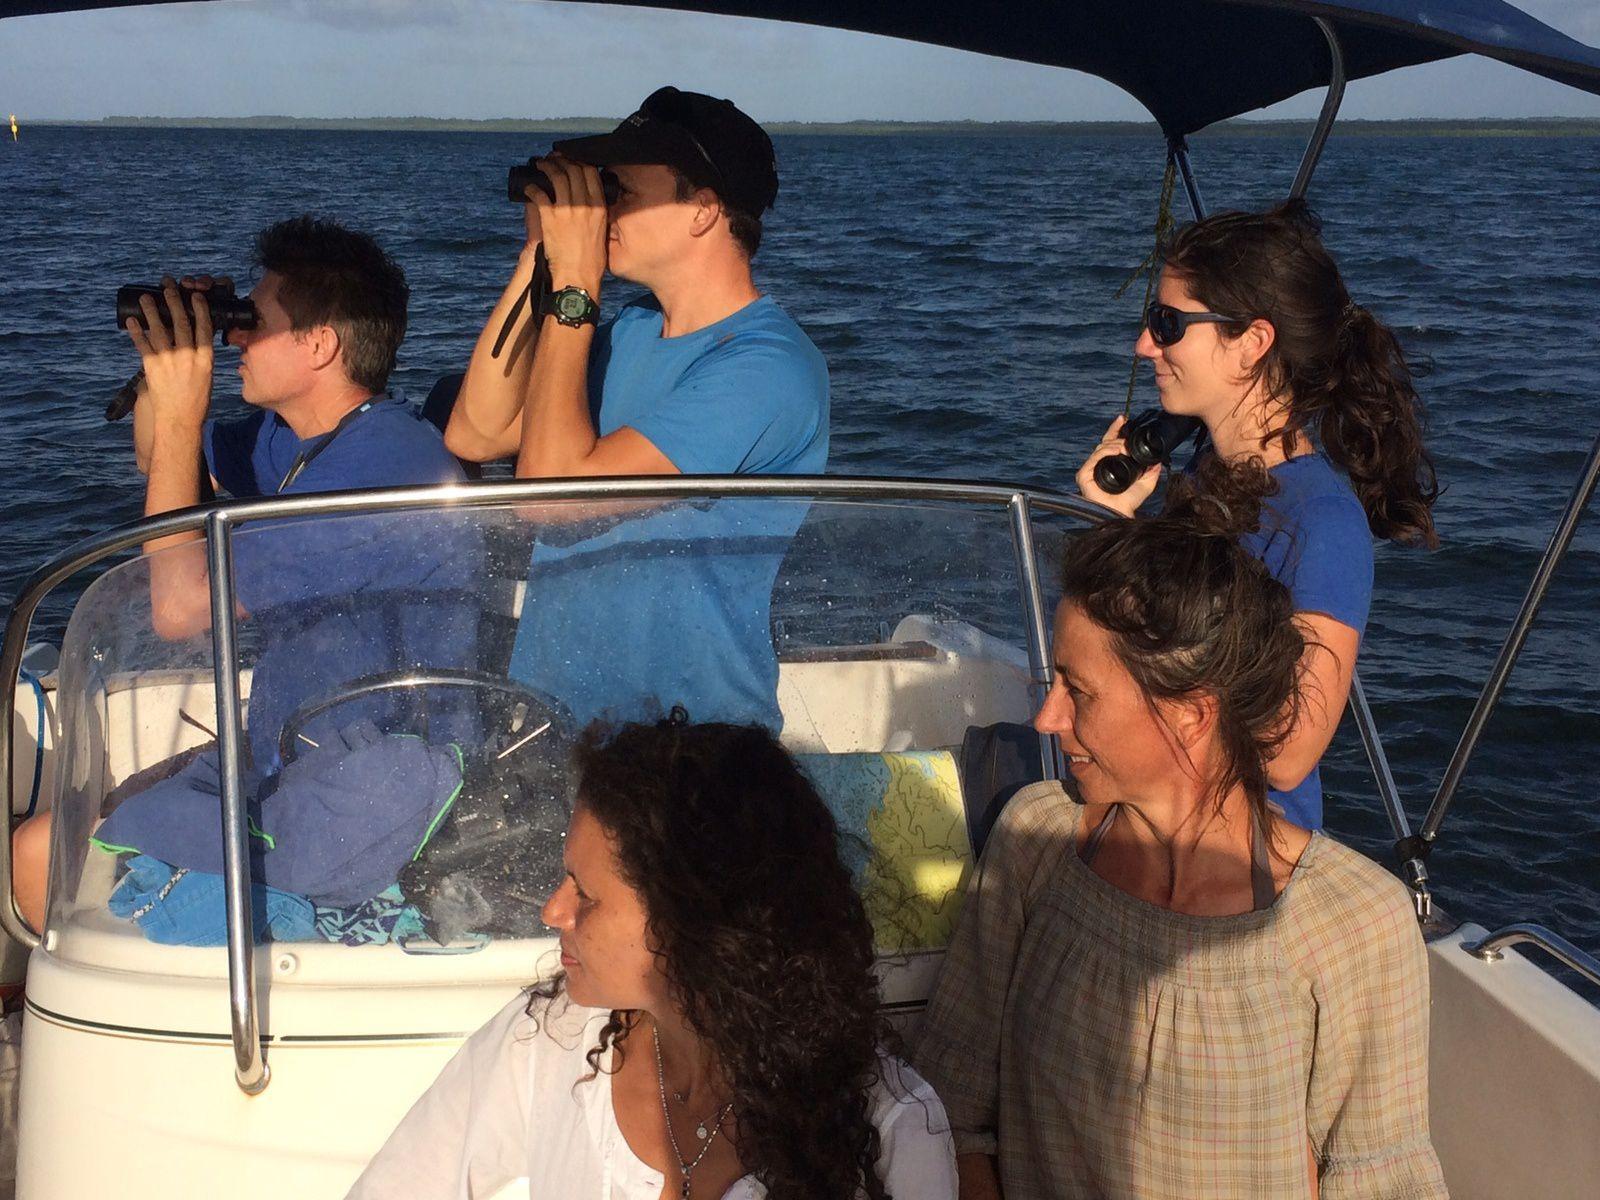 Fabienne, Nathalie, Pauline, Baptiste et Régis mobilisés pour la sortie nautique de L'ASFA consacrée au suivi des colonies nicheuses de pélicans bruns. C'est aussi l'occasion de réaliser de belles observations naturalistes (Photo: B. Ibéné)